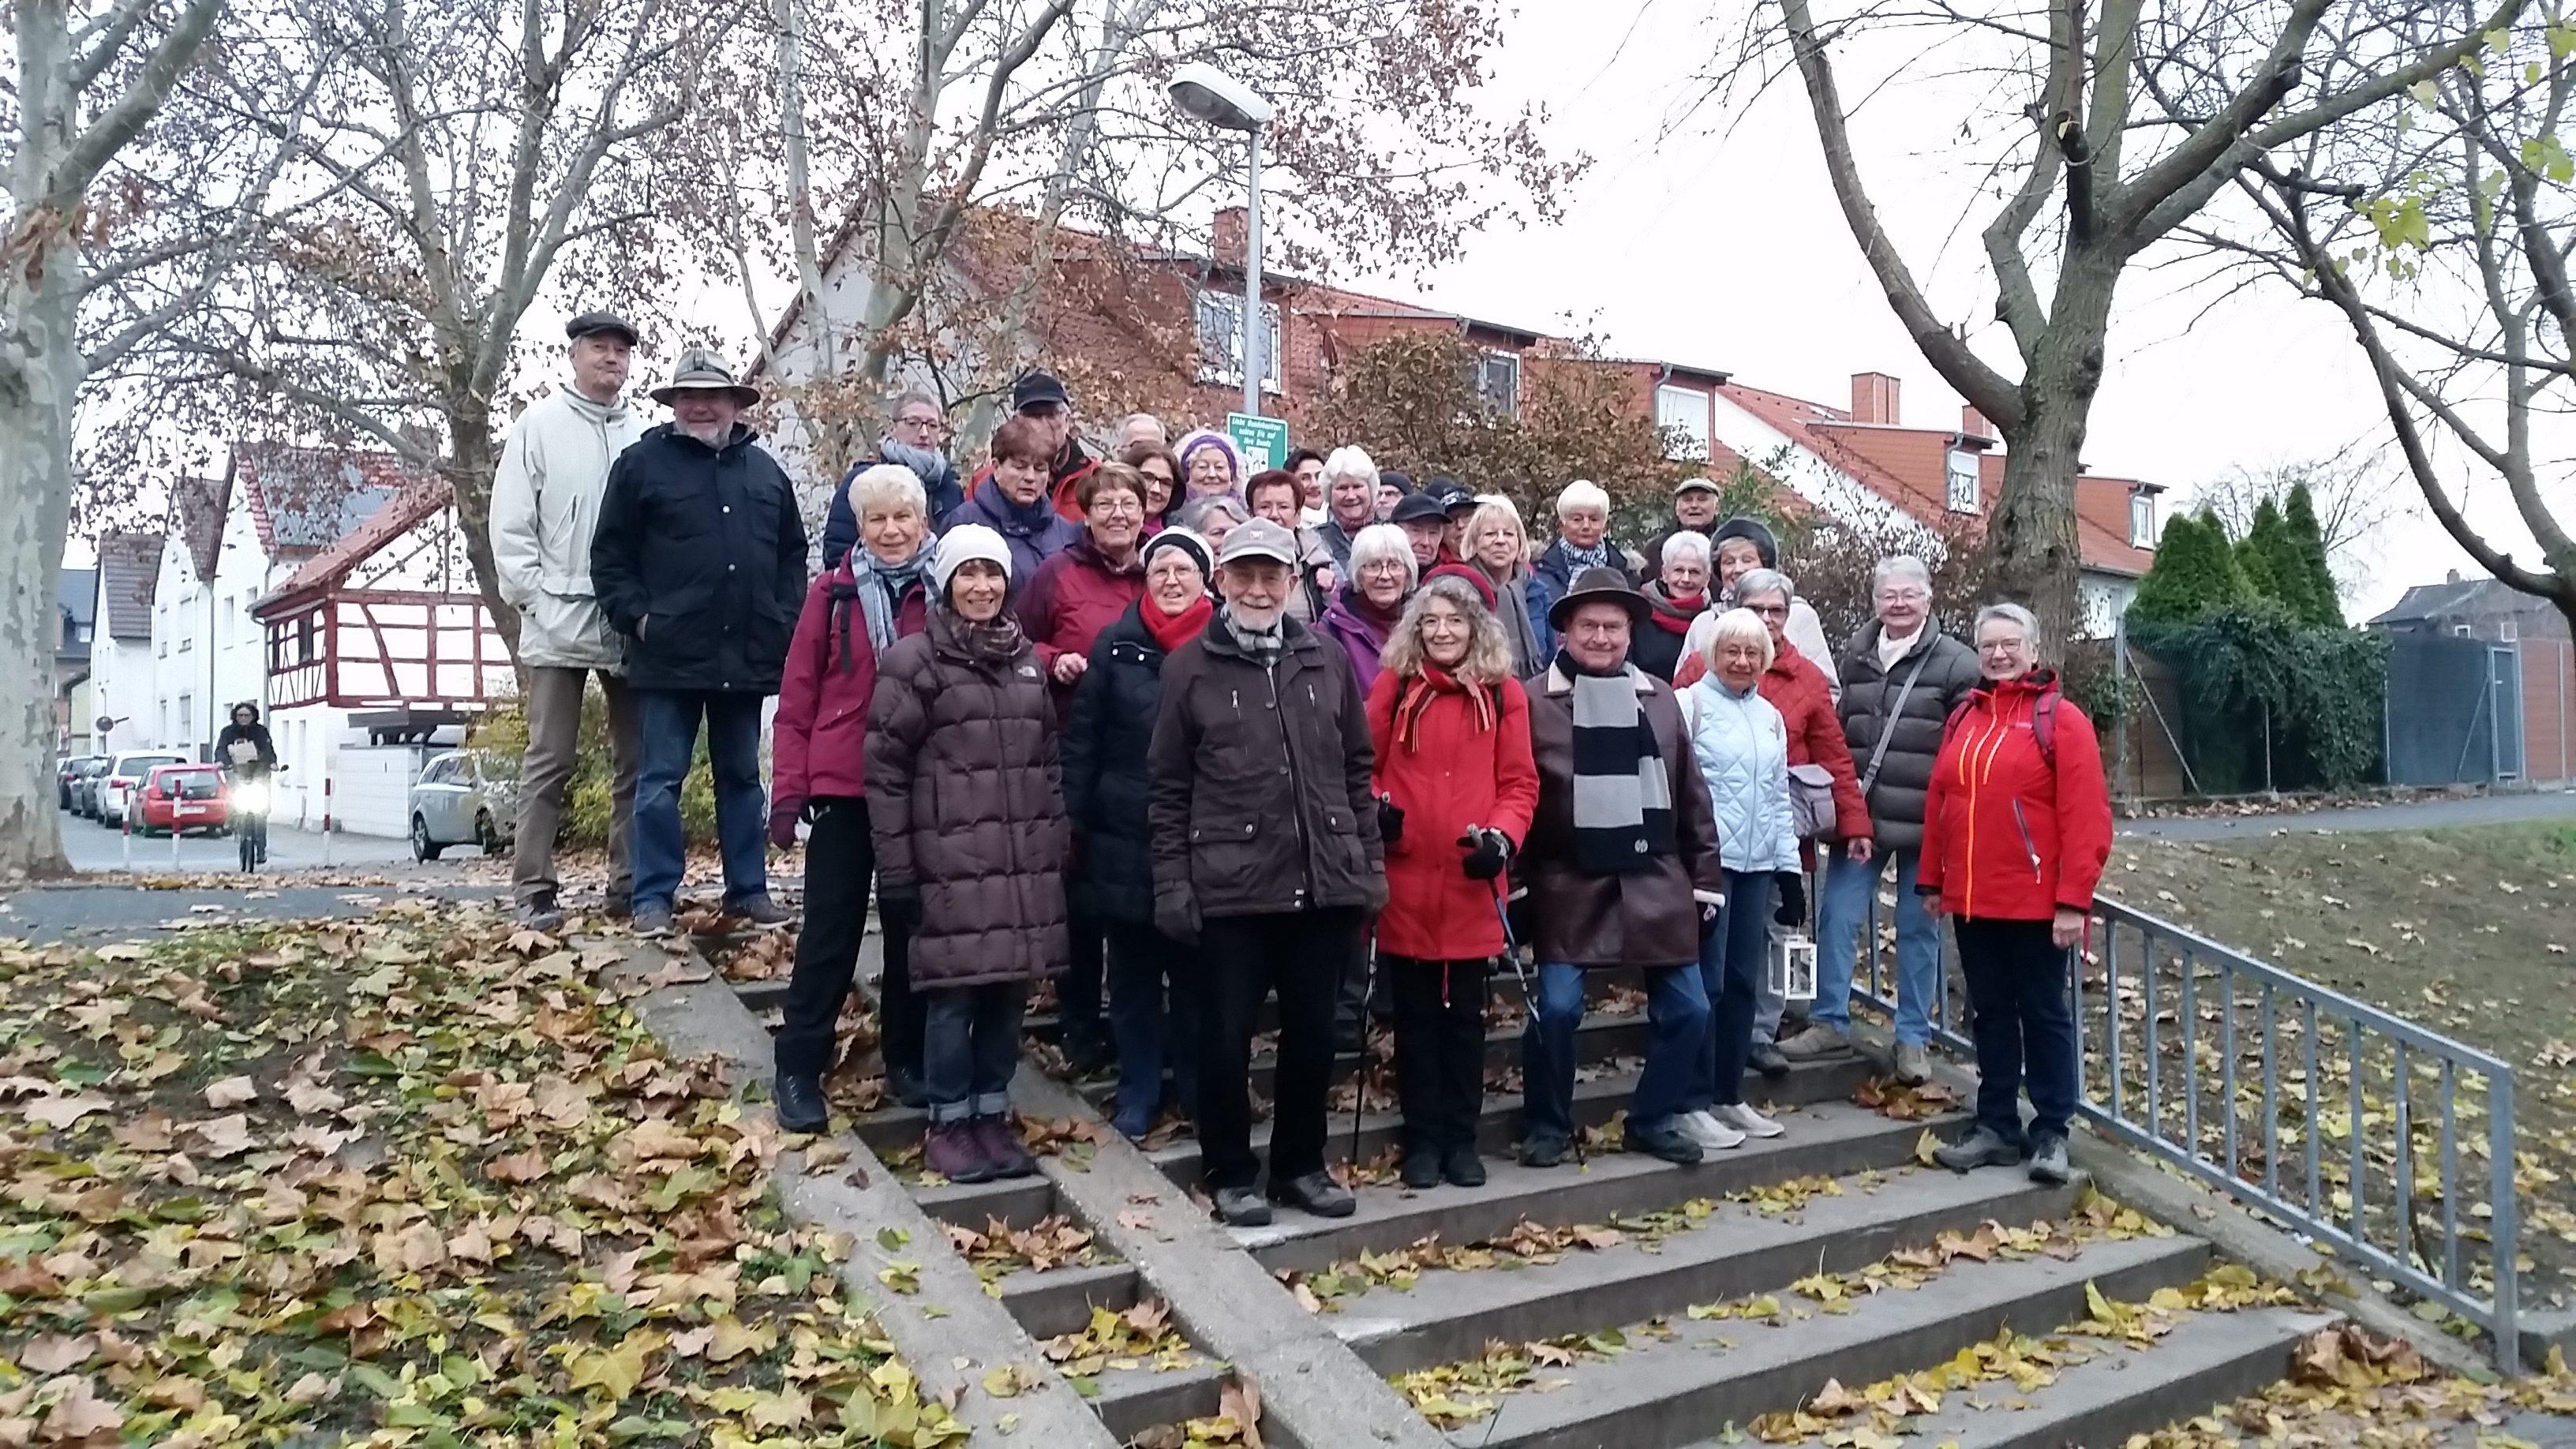 Turnverein Bischofsheim